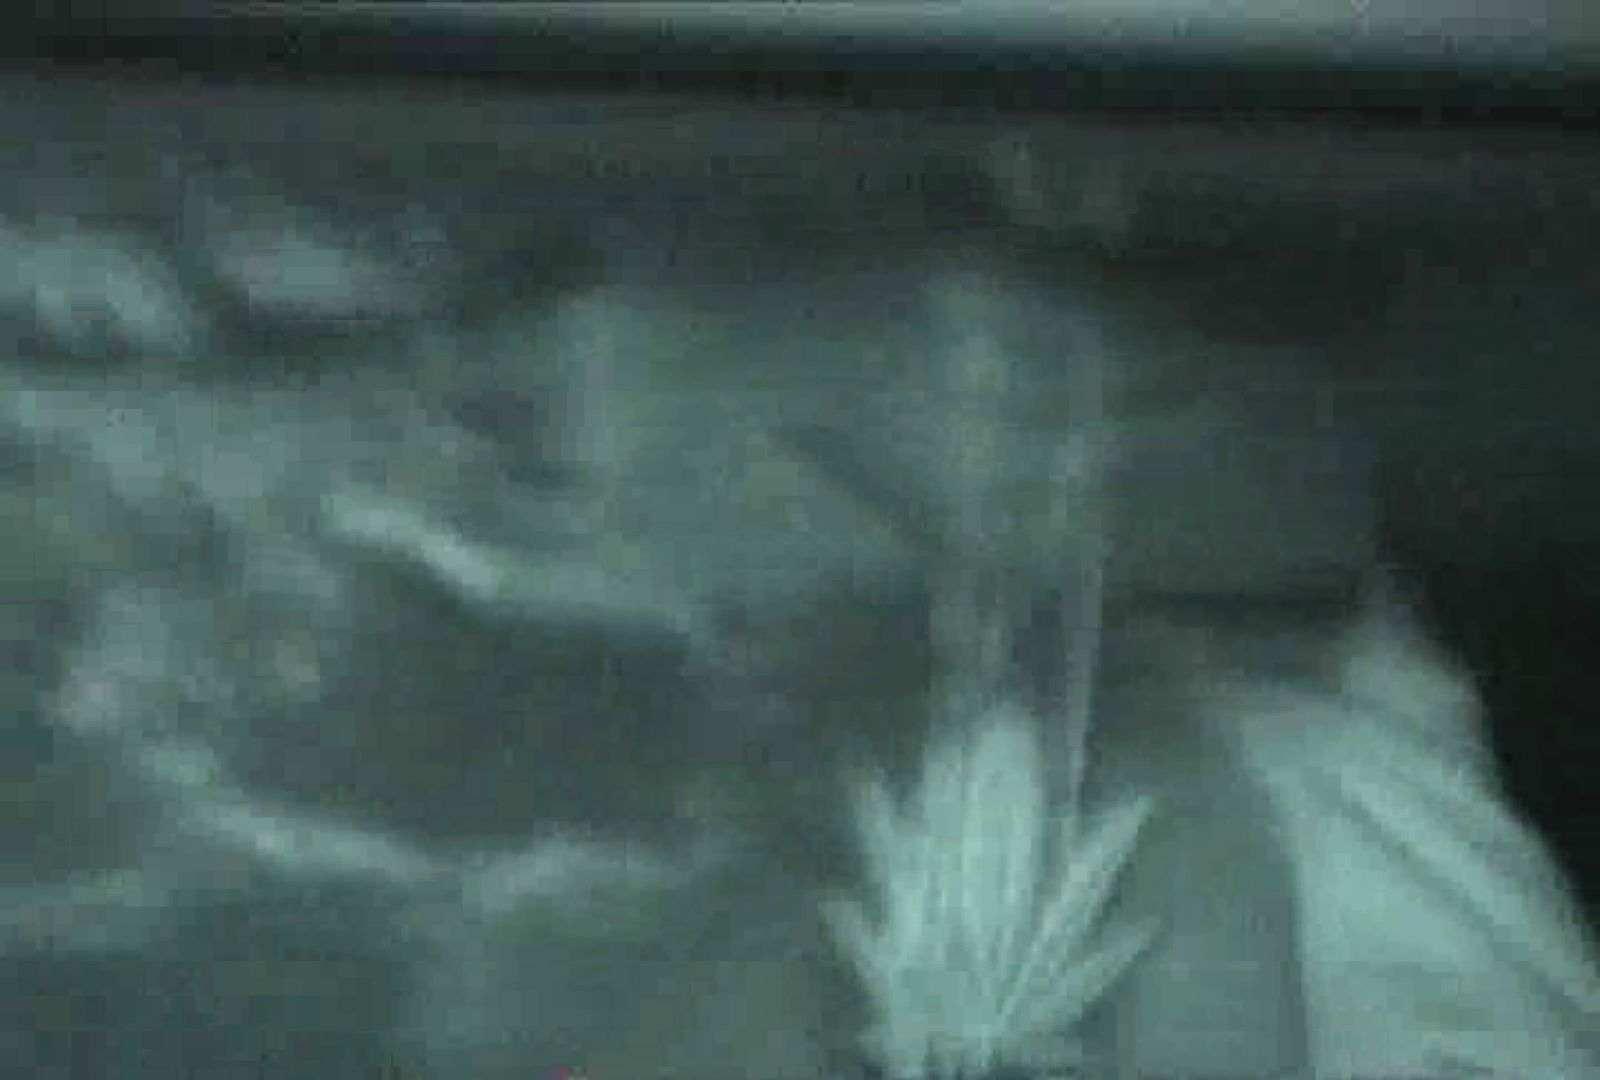 充血監督の深夜の運動会Vol.48 生アナル ワレメ動画紹介 46PICs 5